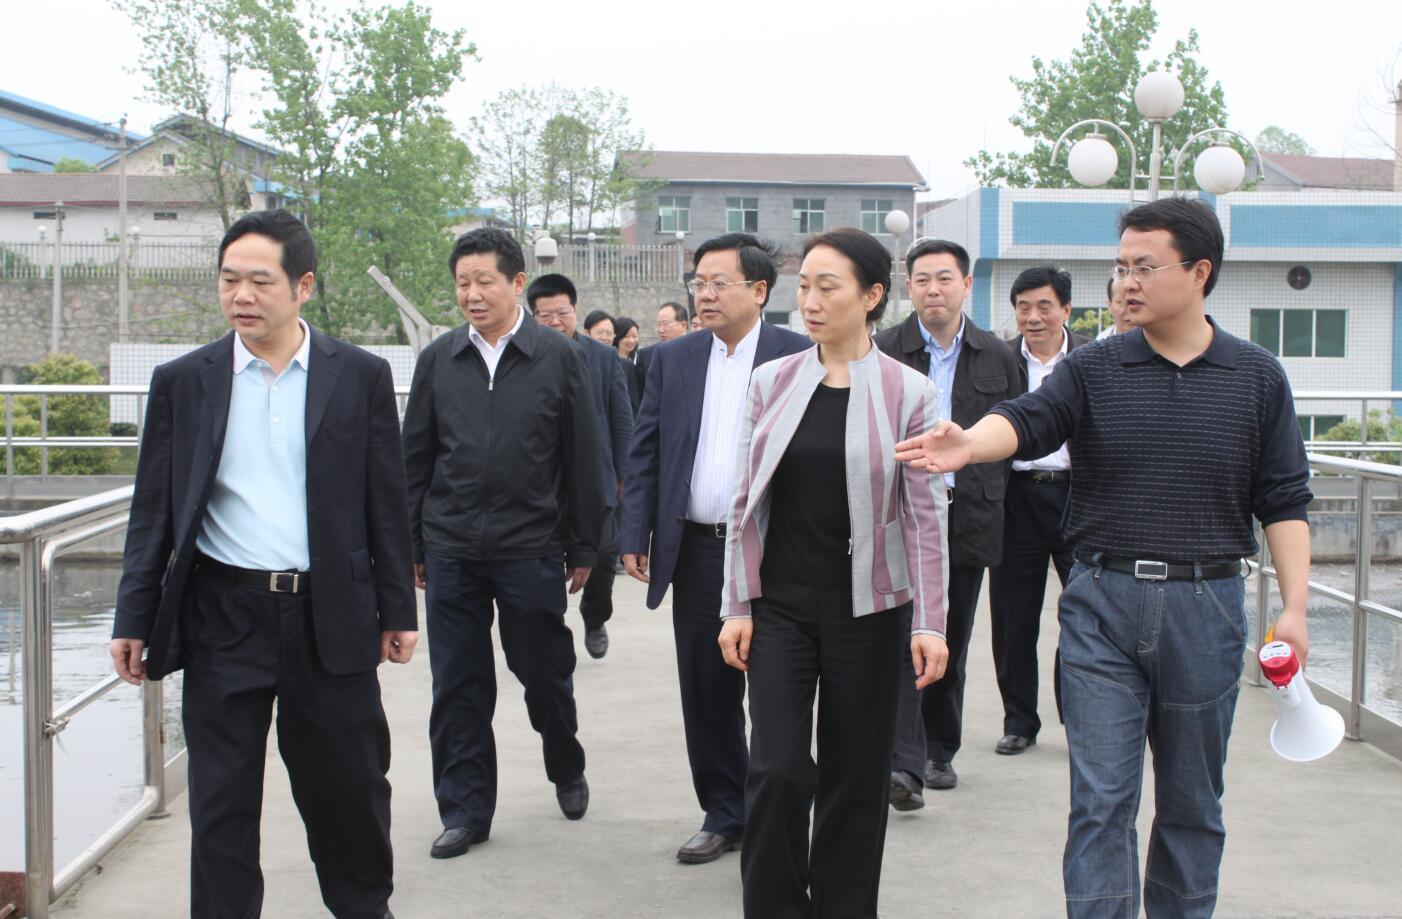 2011年4月,省政協主席,時任省委常委、統戰部部長李薇薇來公司視察.JPG